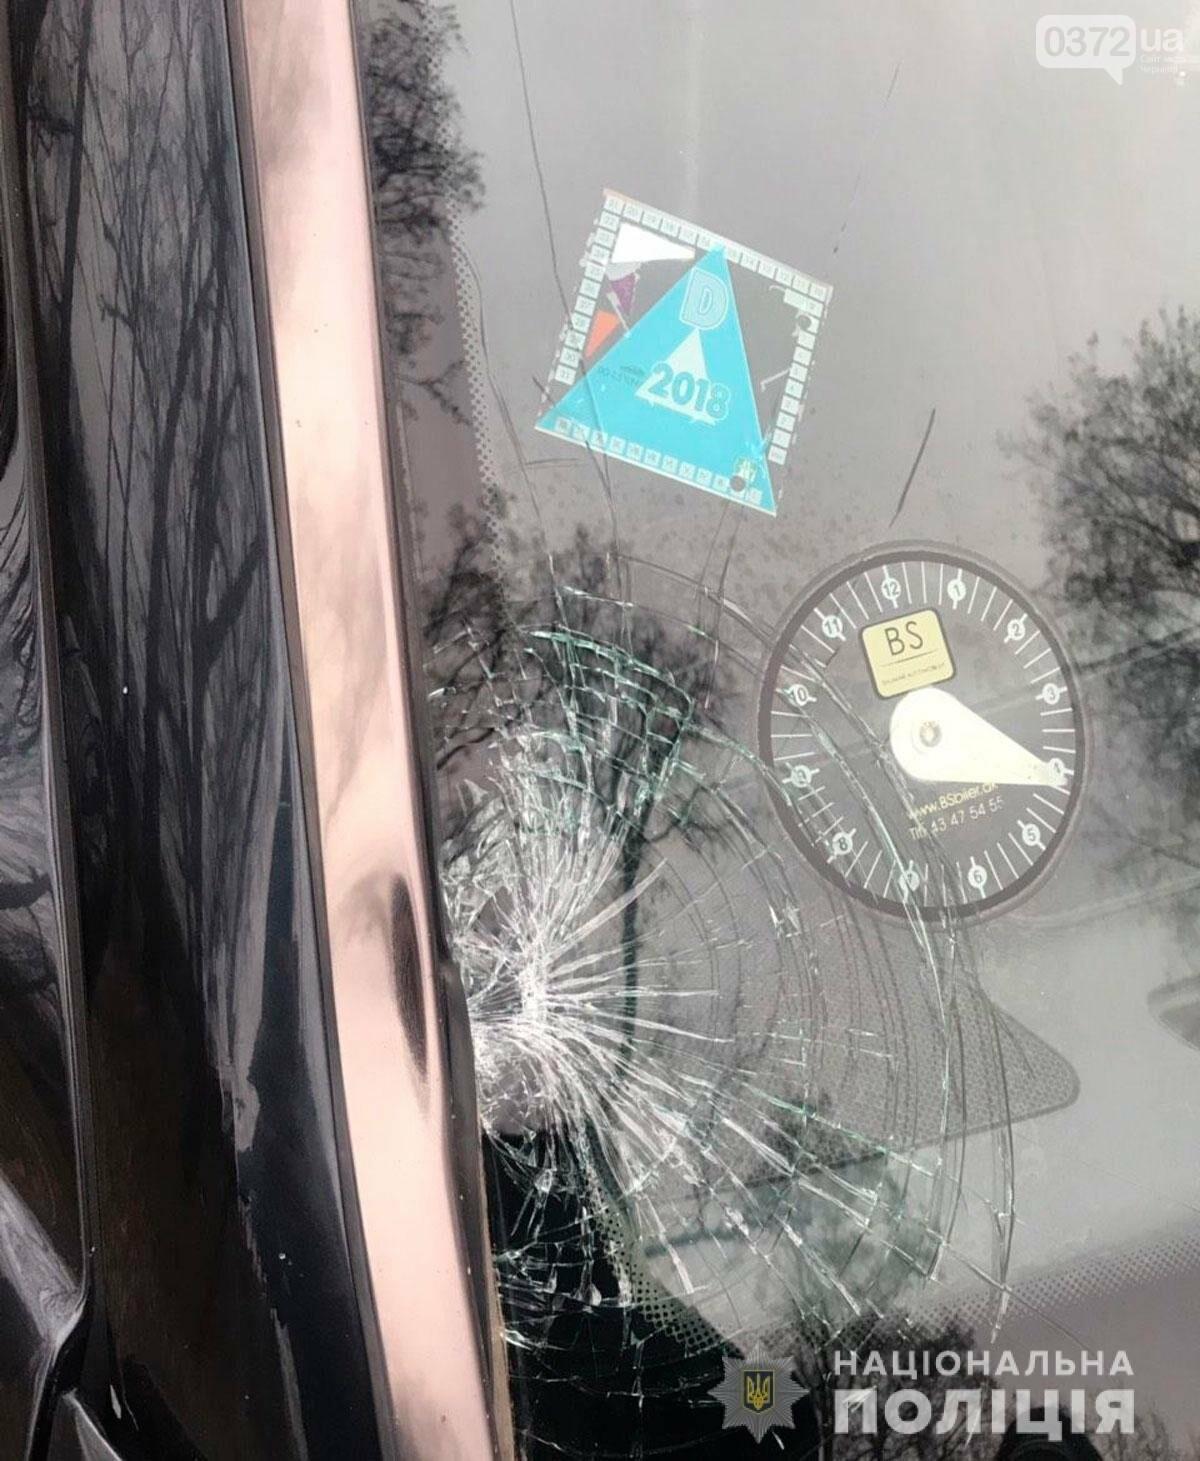 Буковинець збив автомобілем жінку та втік з місця пригоди: поліція знайшла зловмисника , фото-1